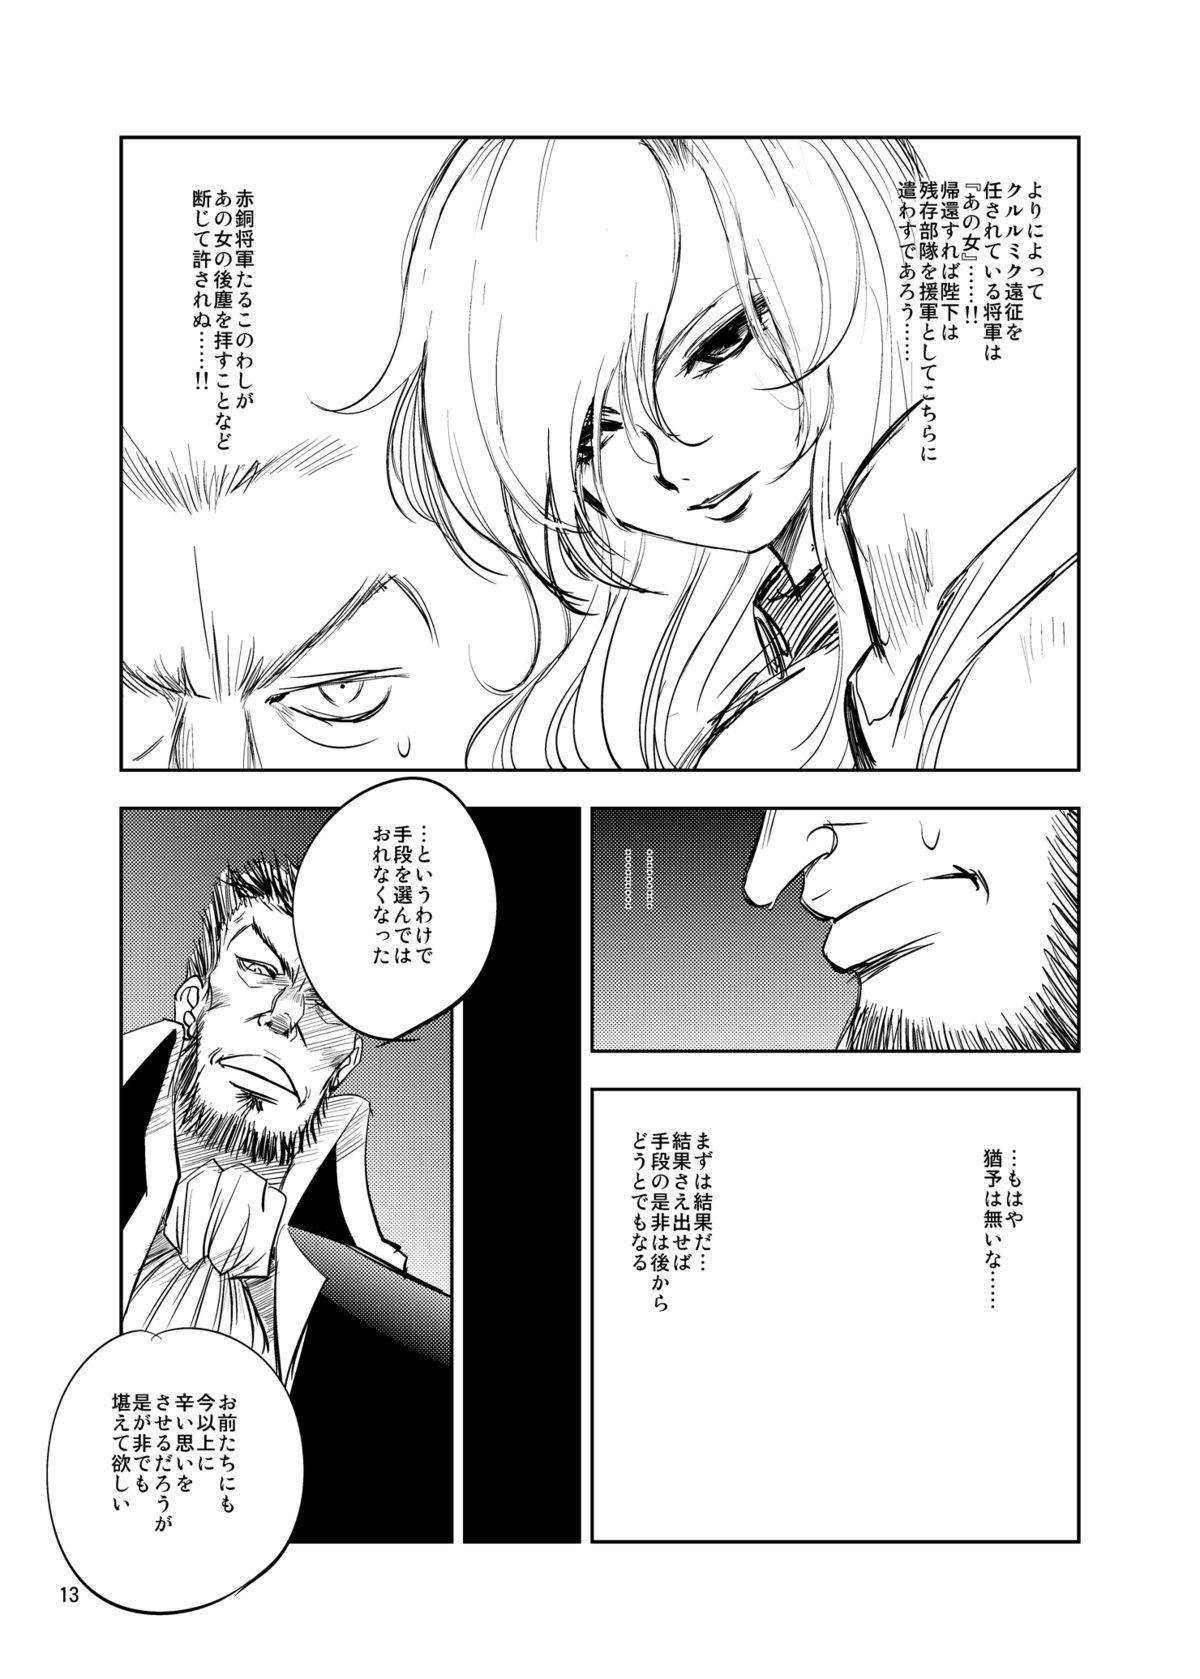 GRASSEN'S WAR ANOTHER STORY Ex #01 Node Shinkou I 12